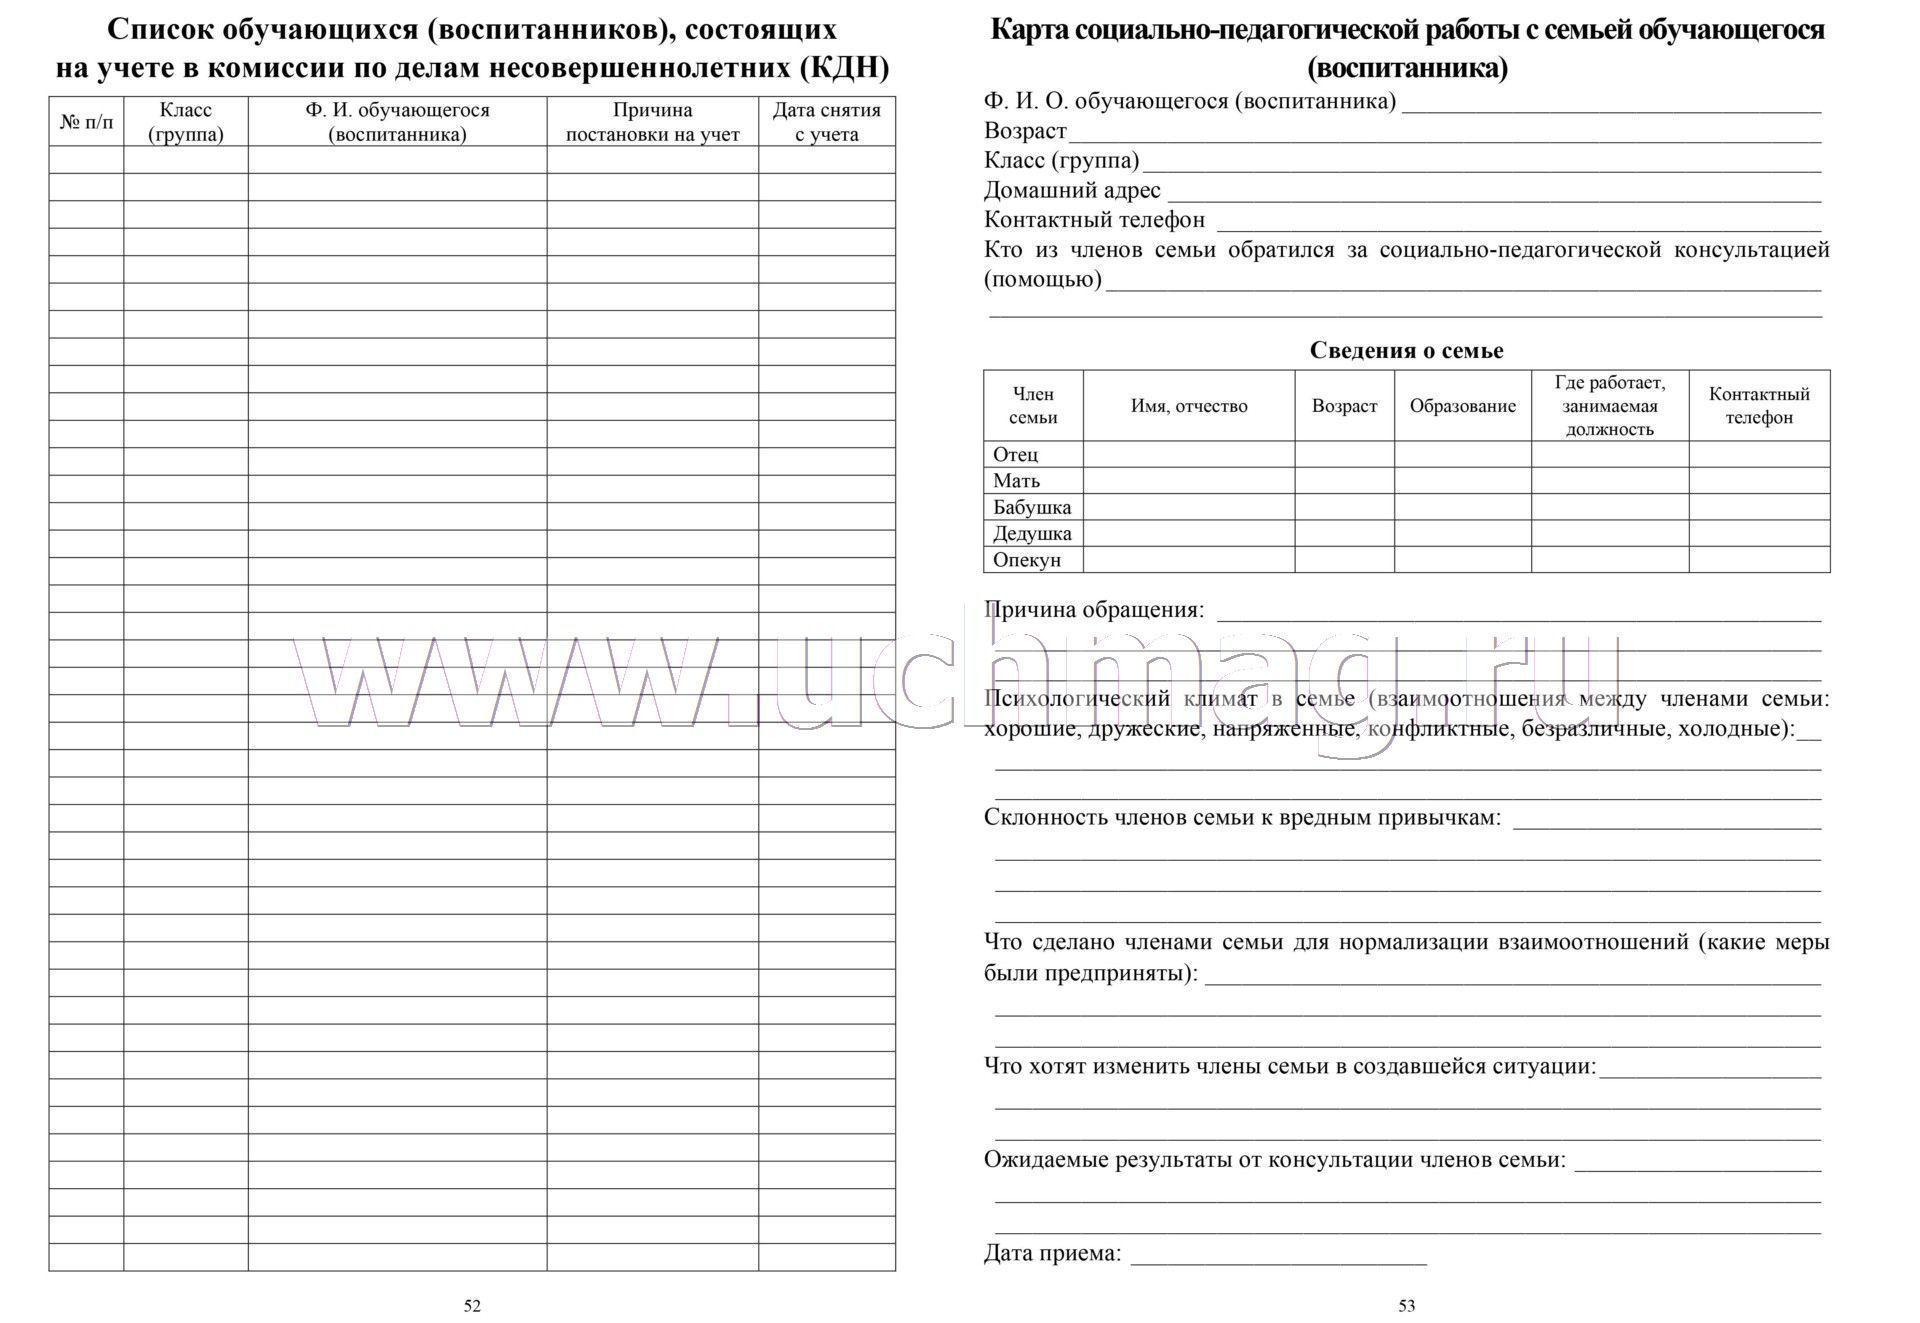 как записать код образовательного учреждения в бланке регистрации егэ